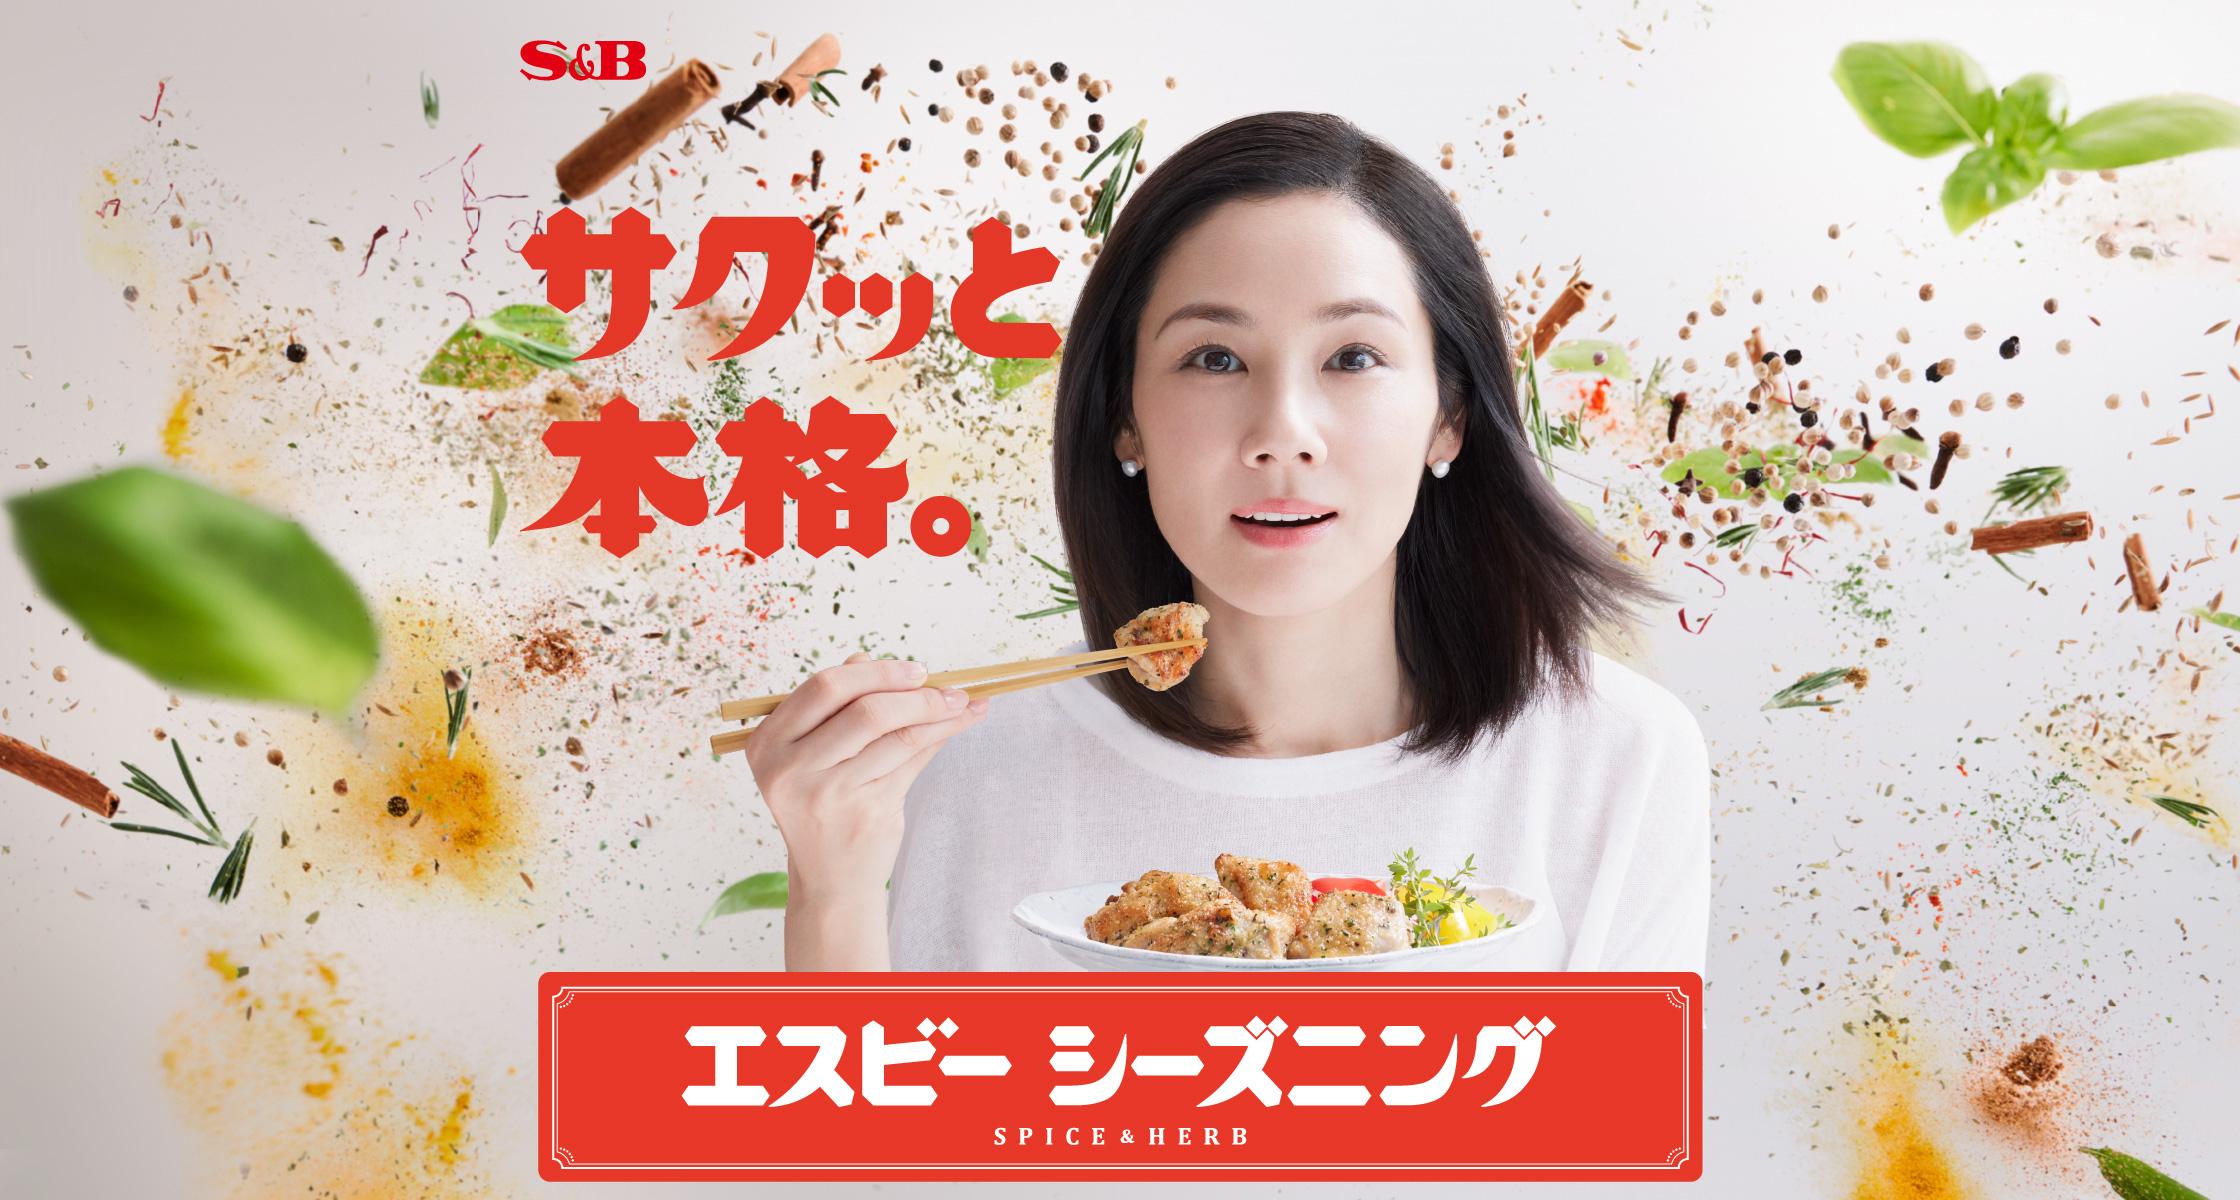 https://www.sbfoods.co.jp/seasoning/ogimg/ogimg.jpg